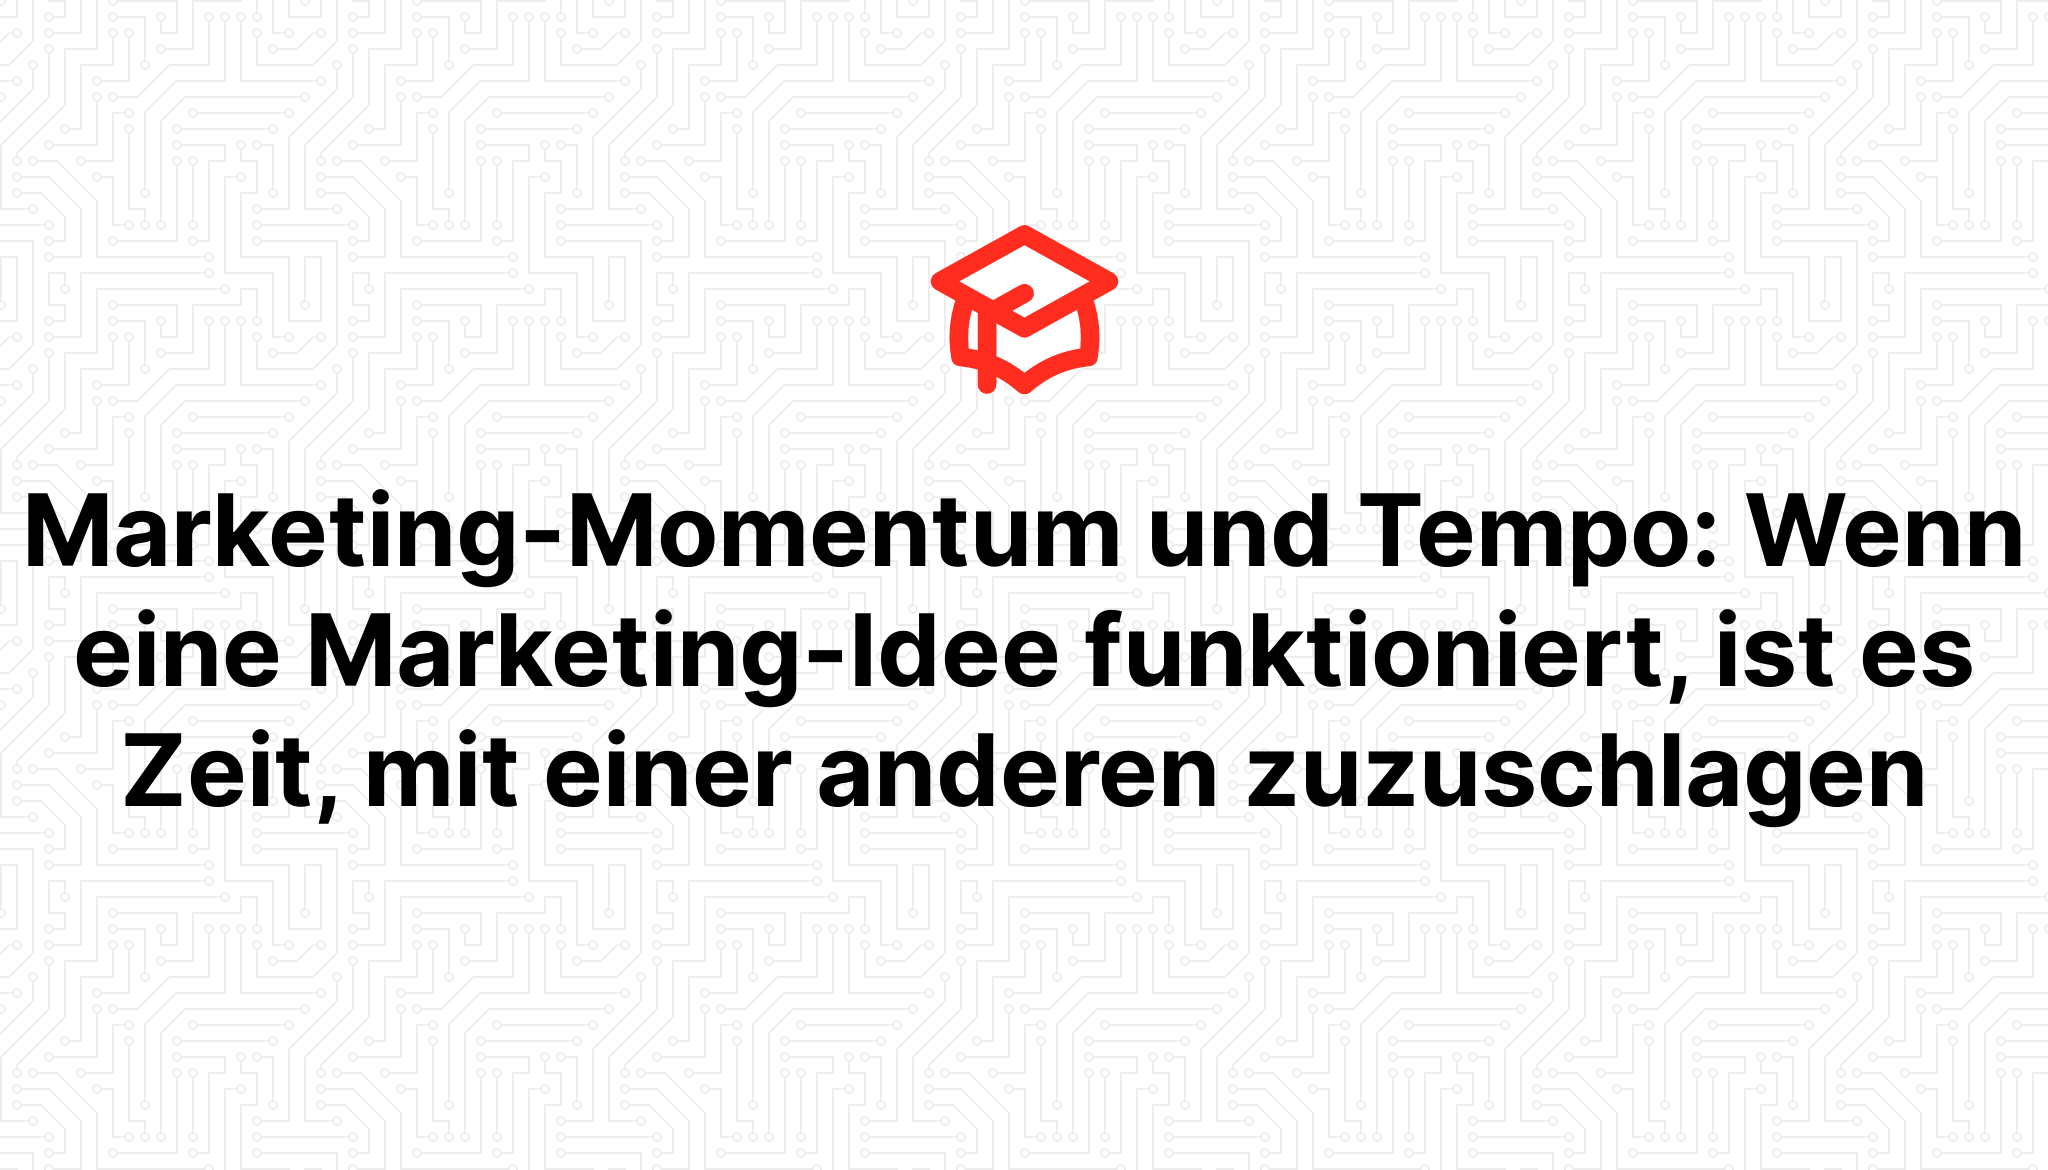 Marketing-Momentum und Tempo: Wenn eine Marketing-Idee funktioniert, ist es Zeit, mit einer anderen zuzuschlagen